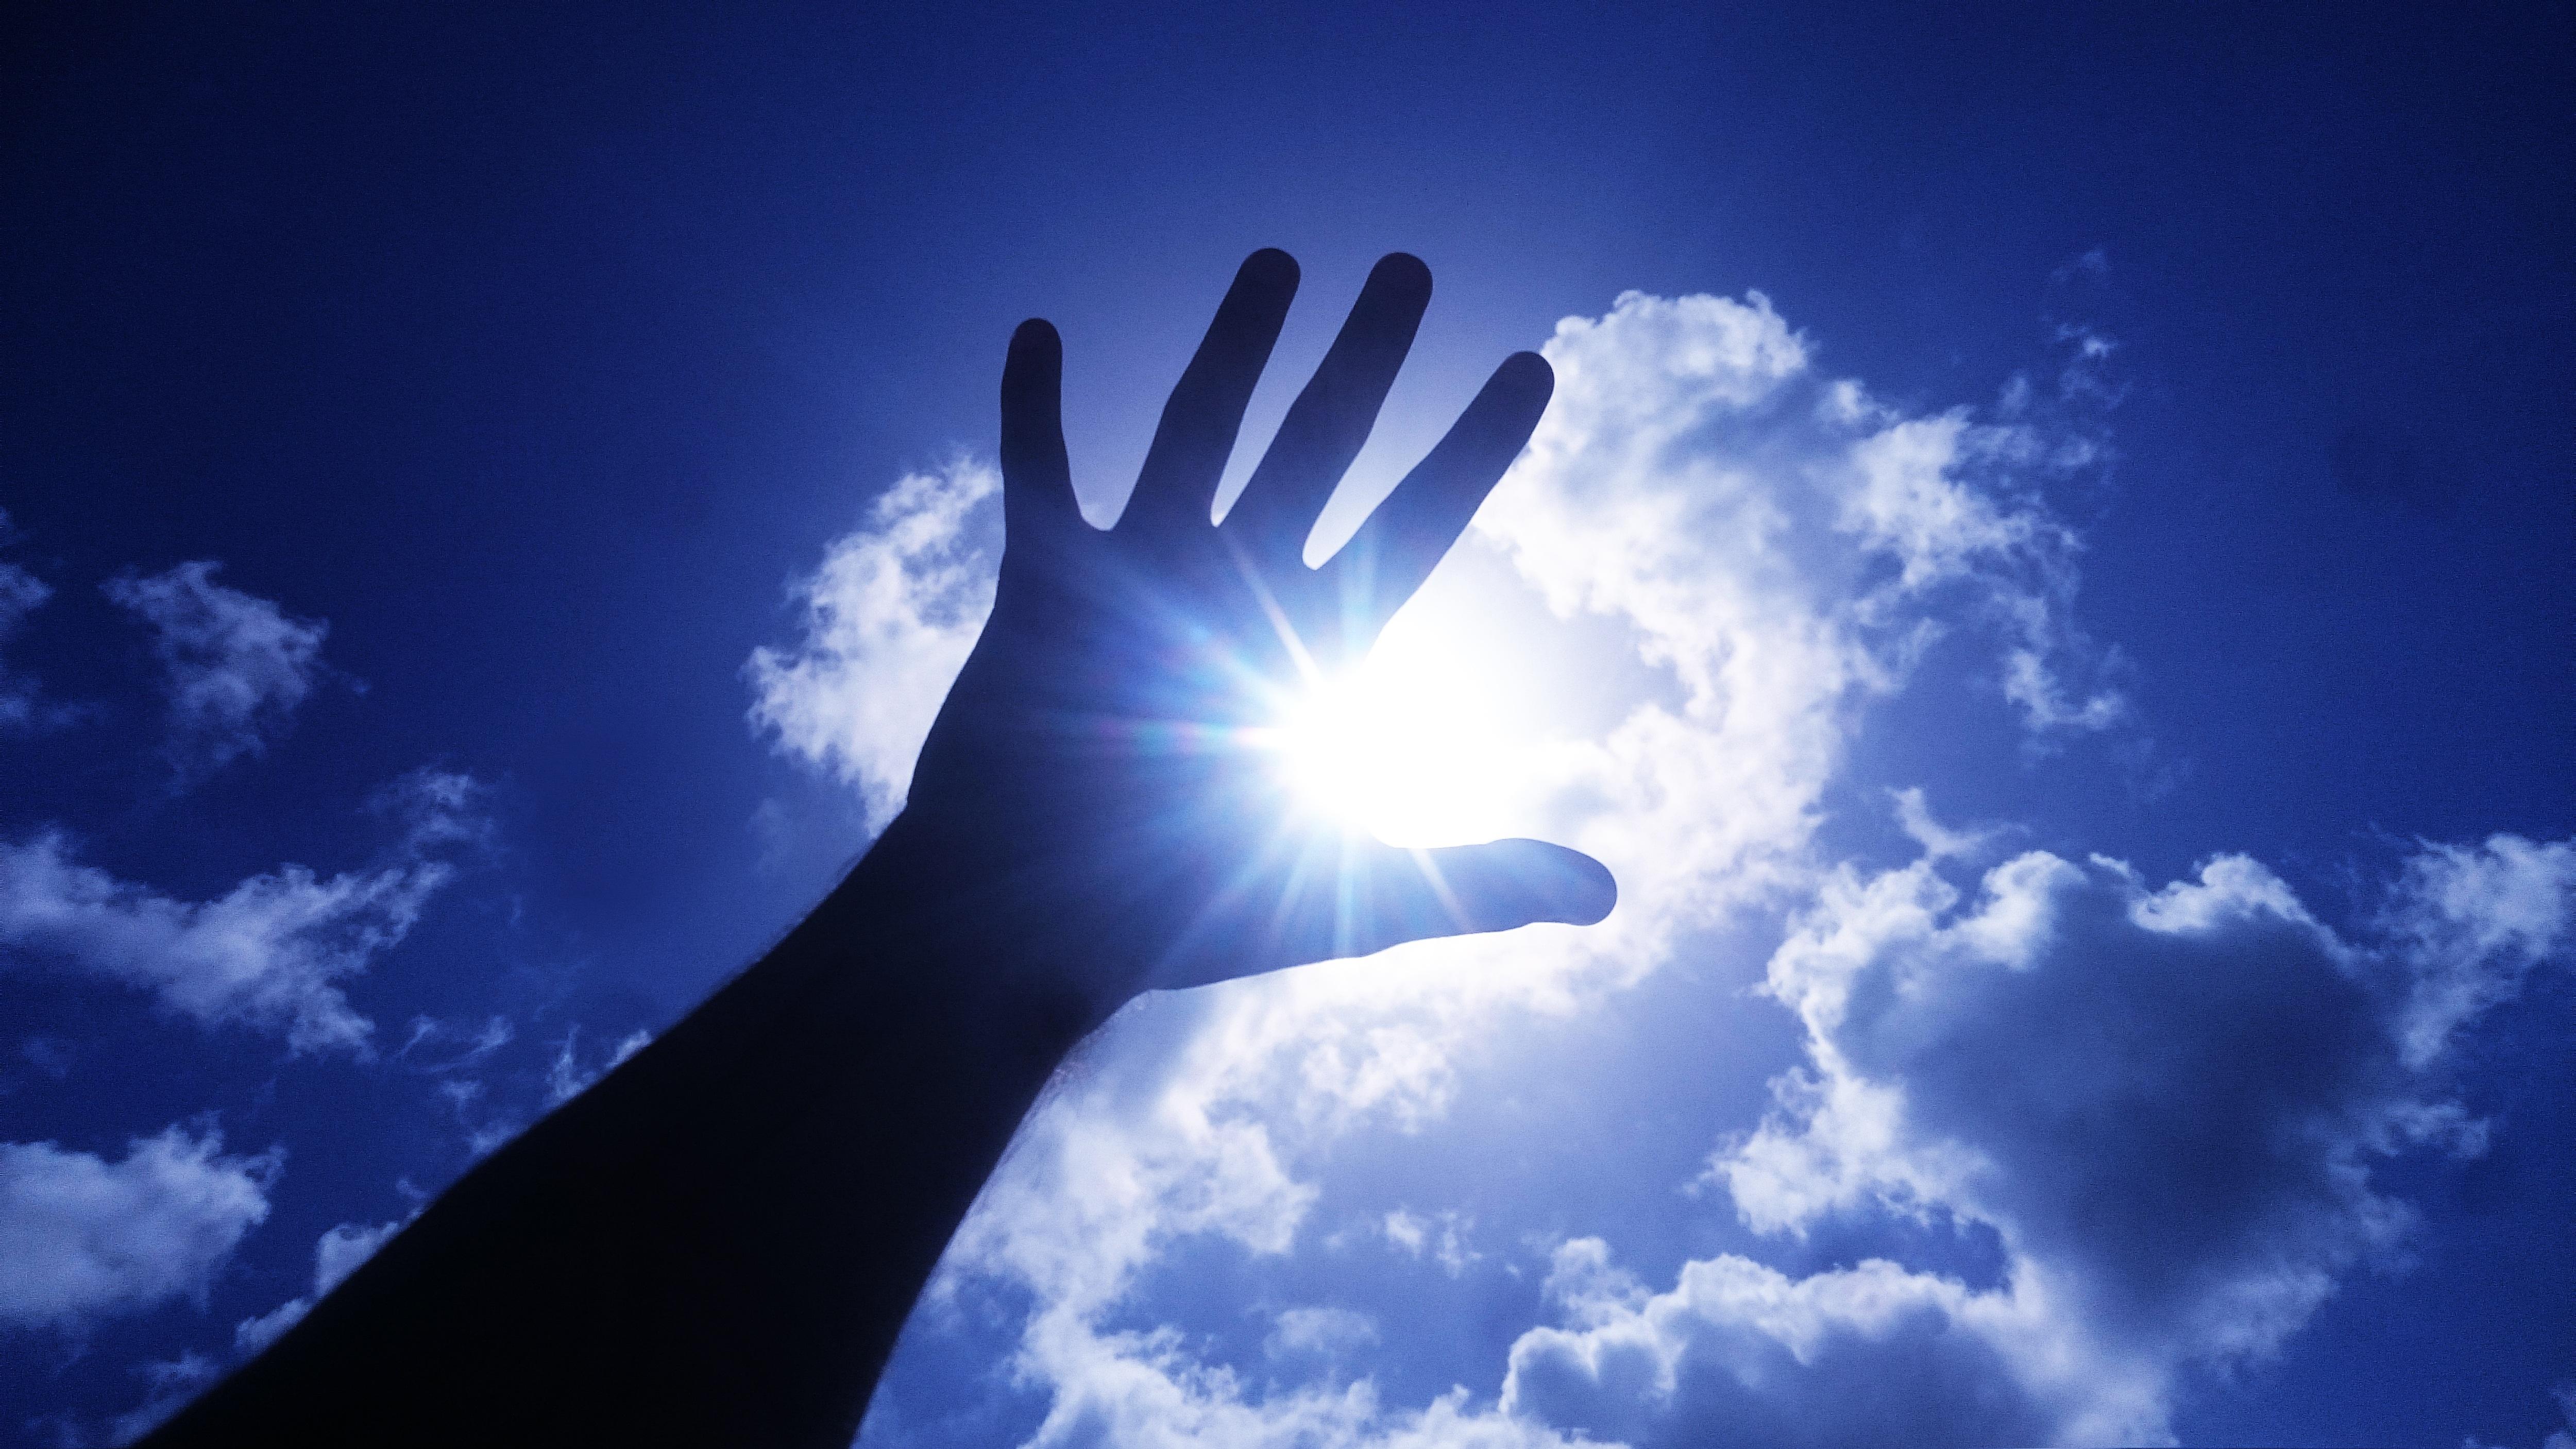 один красивые картинки рук на фоне неба наши схемы